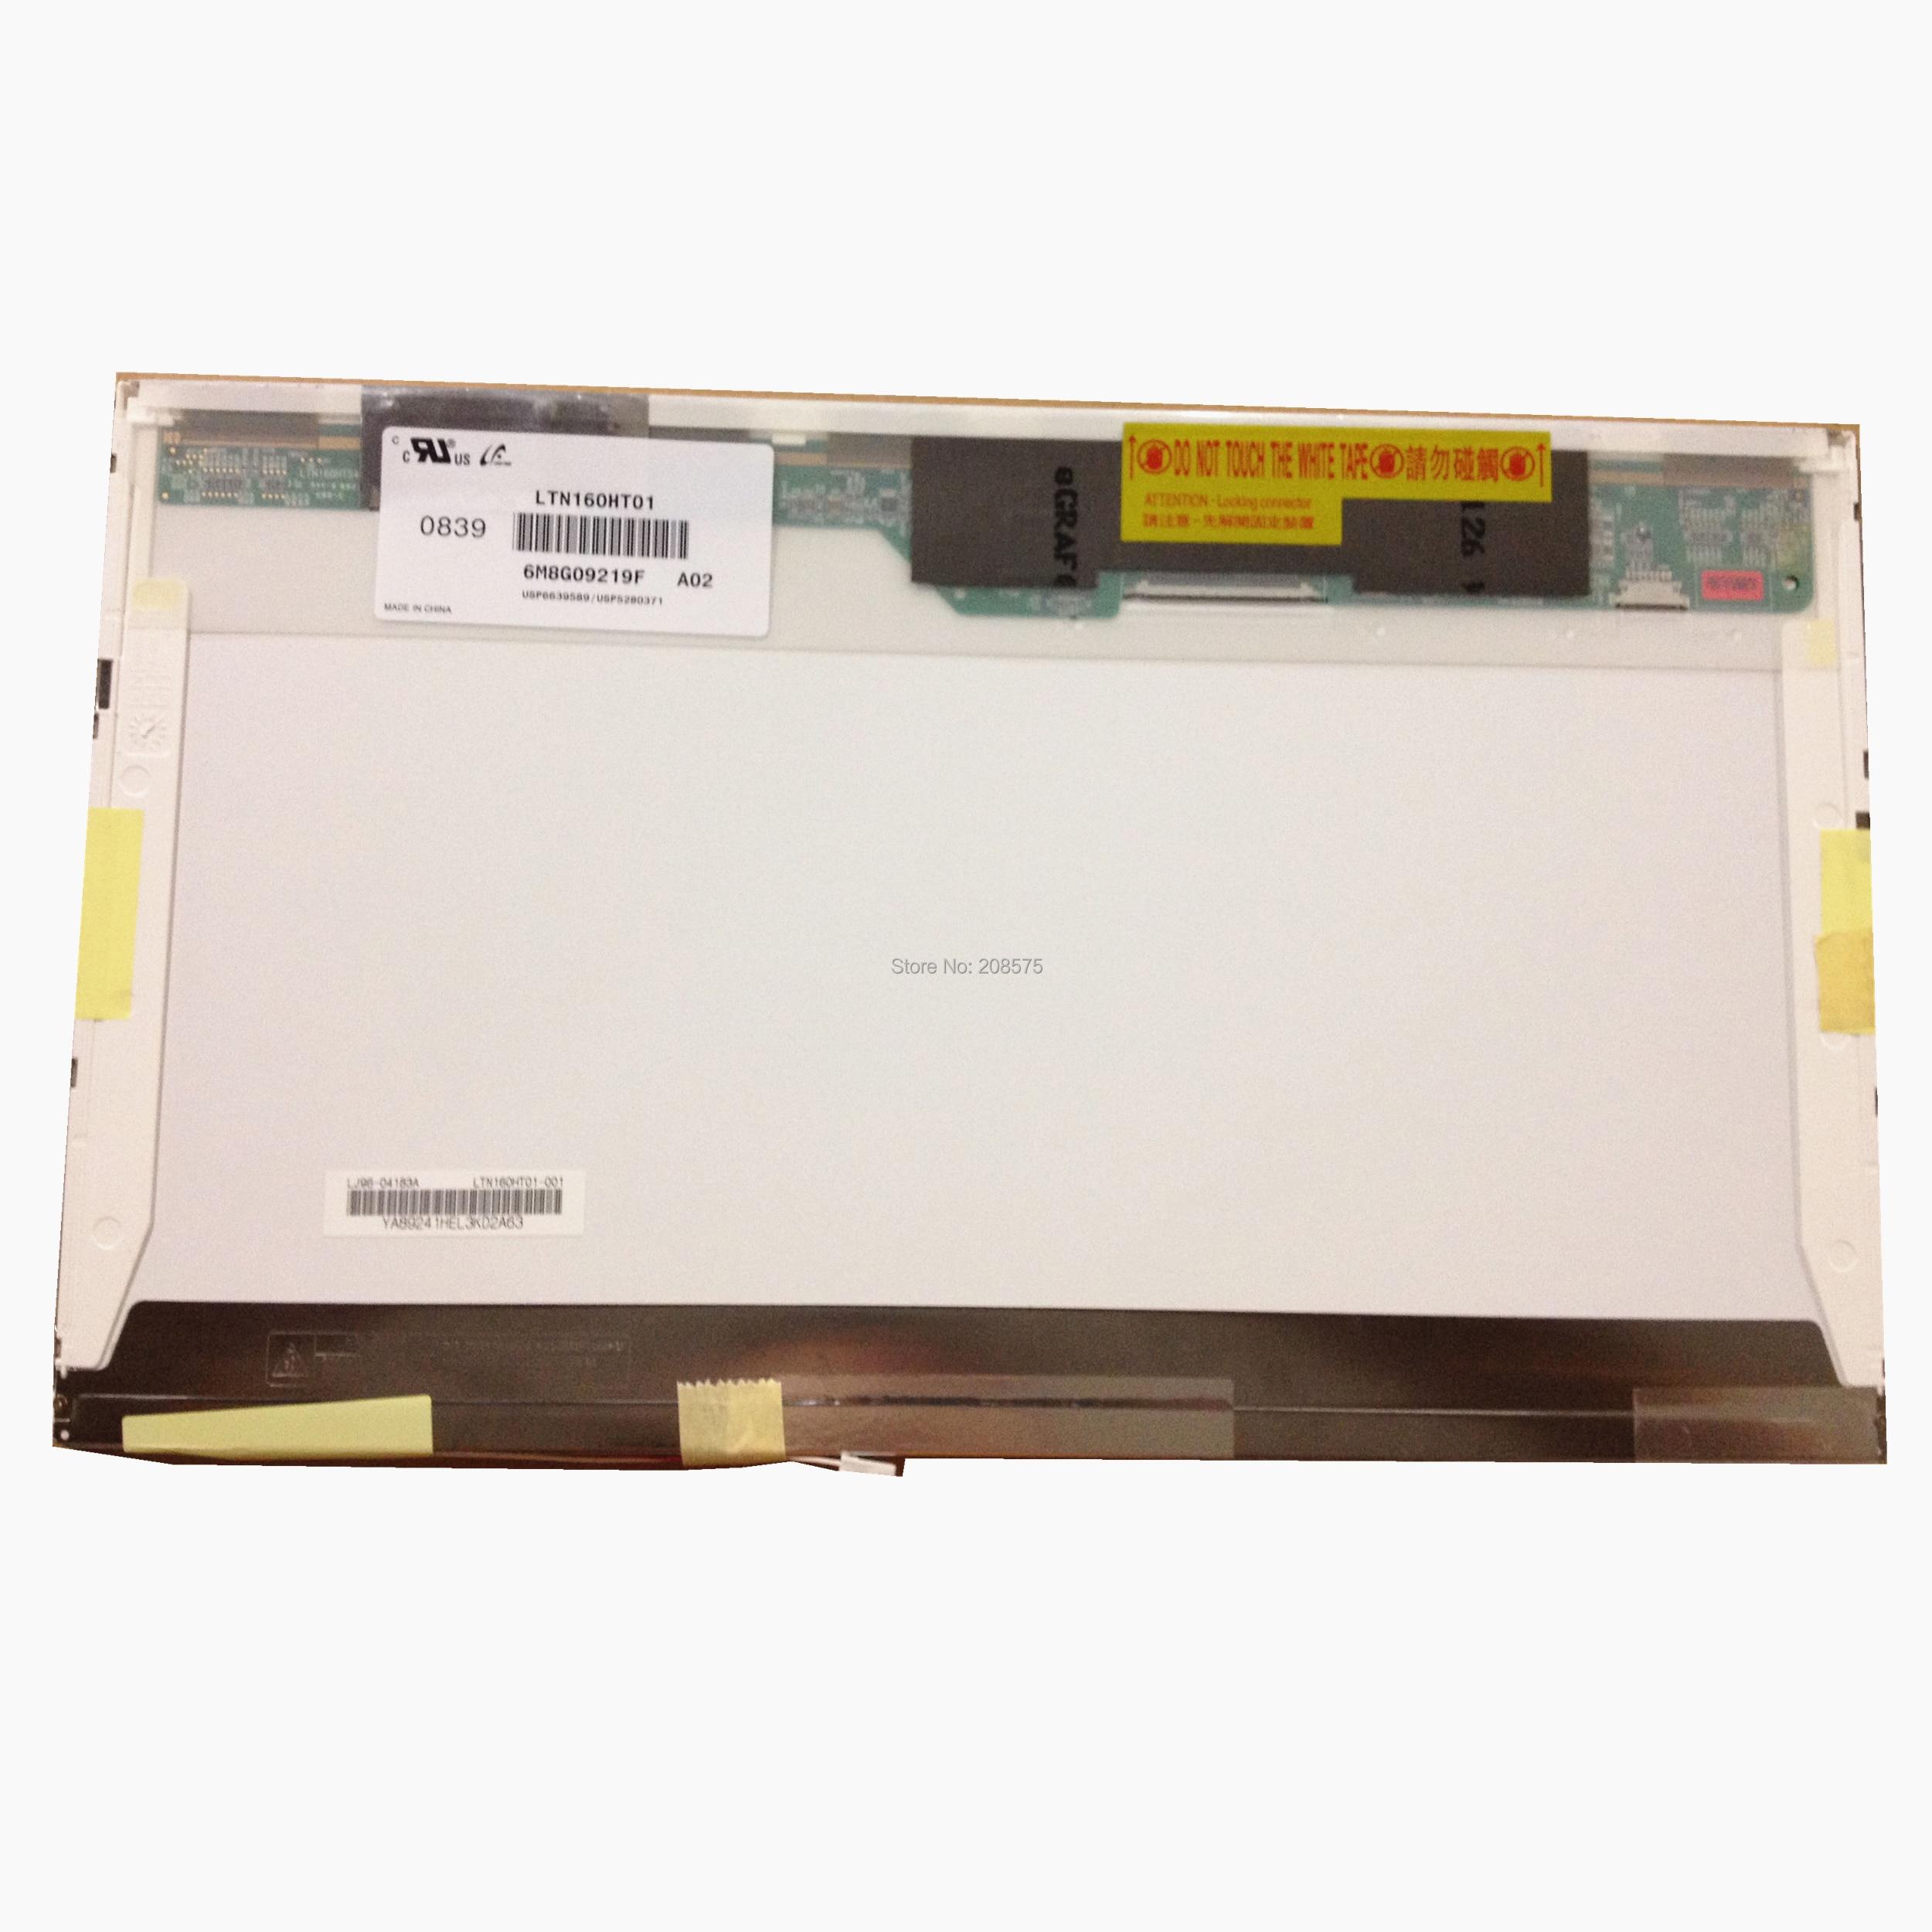 Free Shipping LTN160HT01 A02 LTN160HT01 A01 A03 LTN160HT01-001  LTN160HT01-101 Laptop Lcd ScreenFree Shipping LTN160HT01 A02 LTN160HT01 A01 A03 LTN160HT01-001  LTN160HT01-101 Laptop Lcd Screen